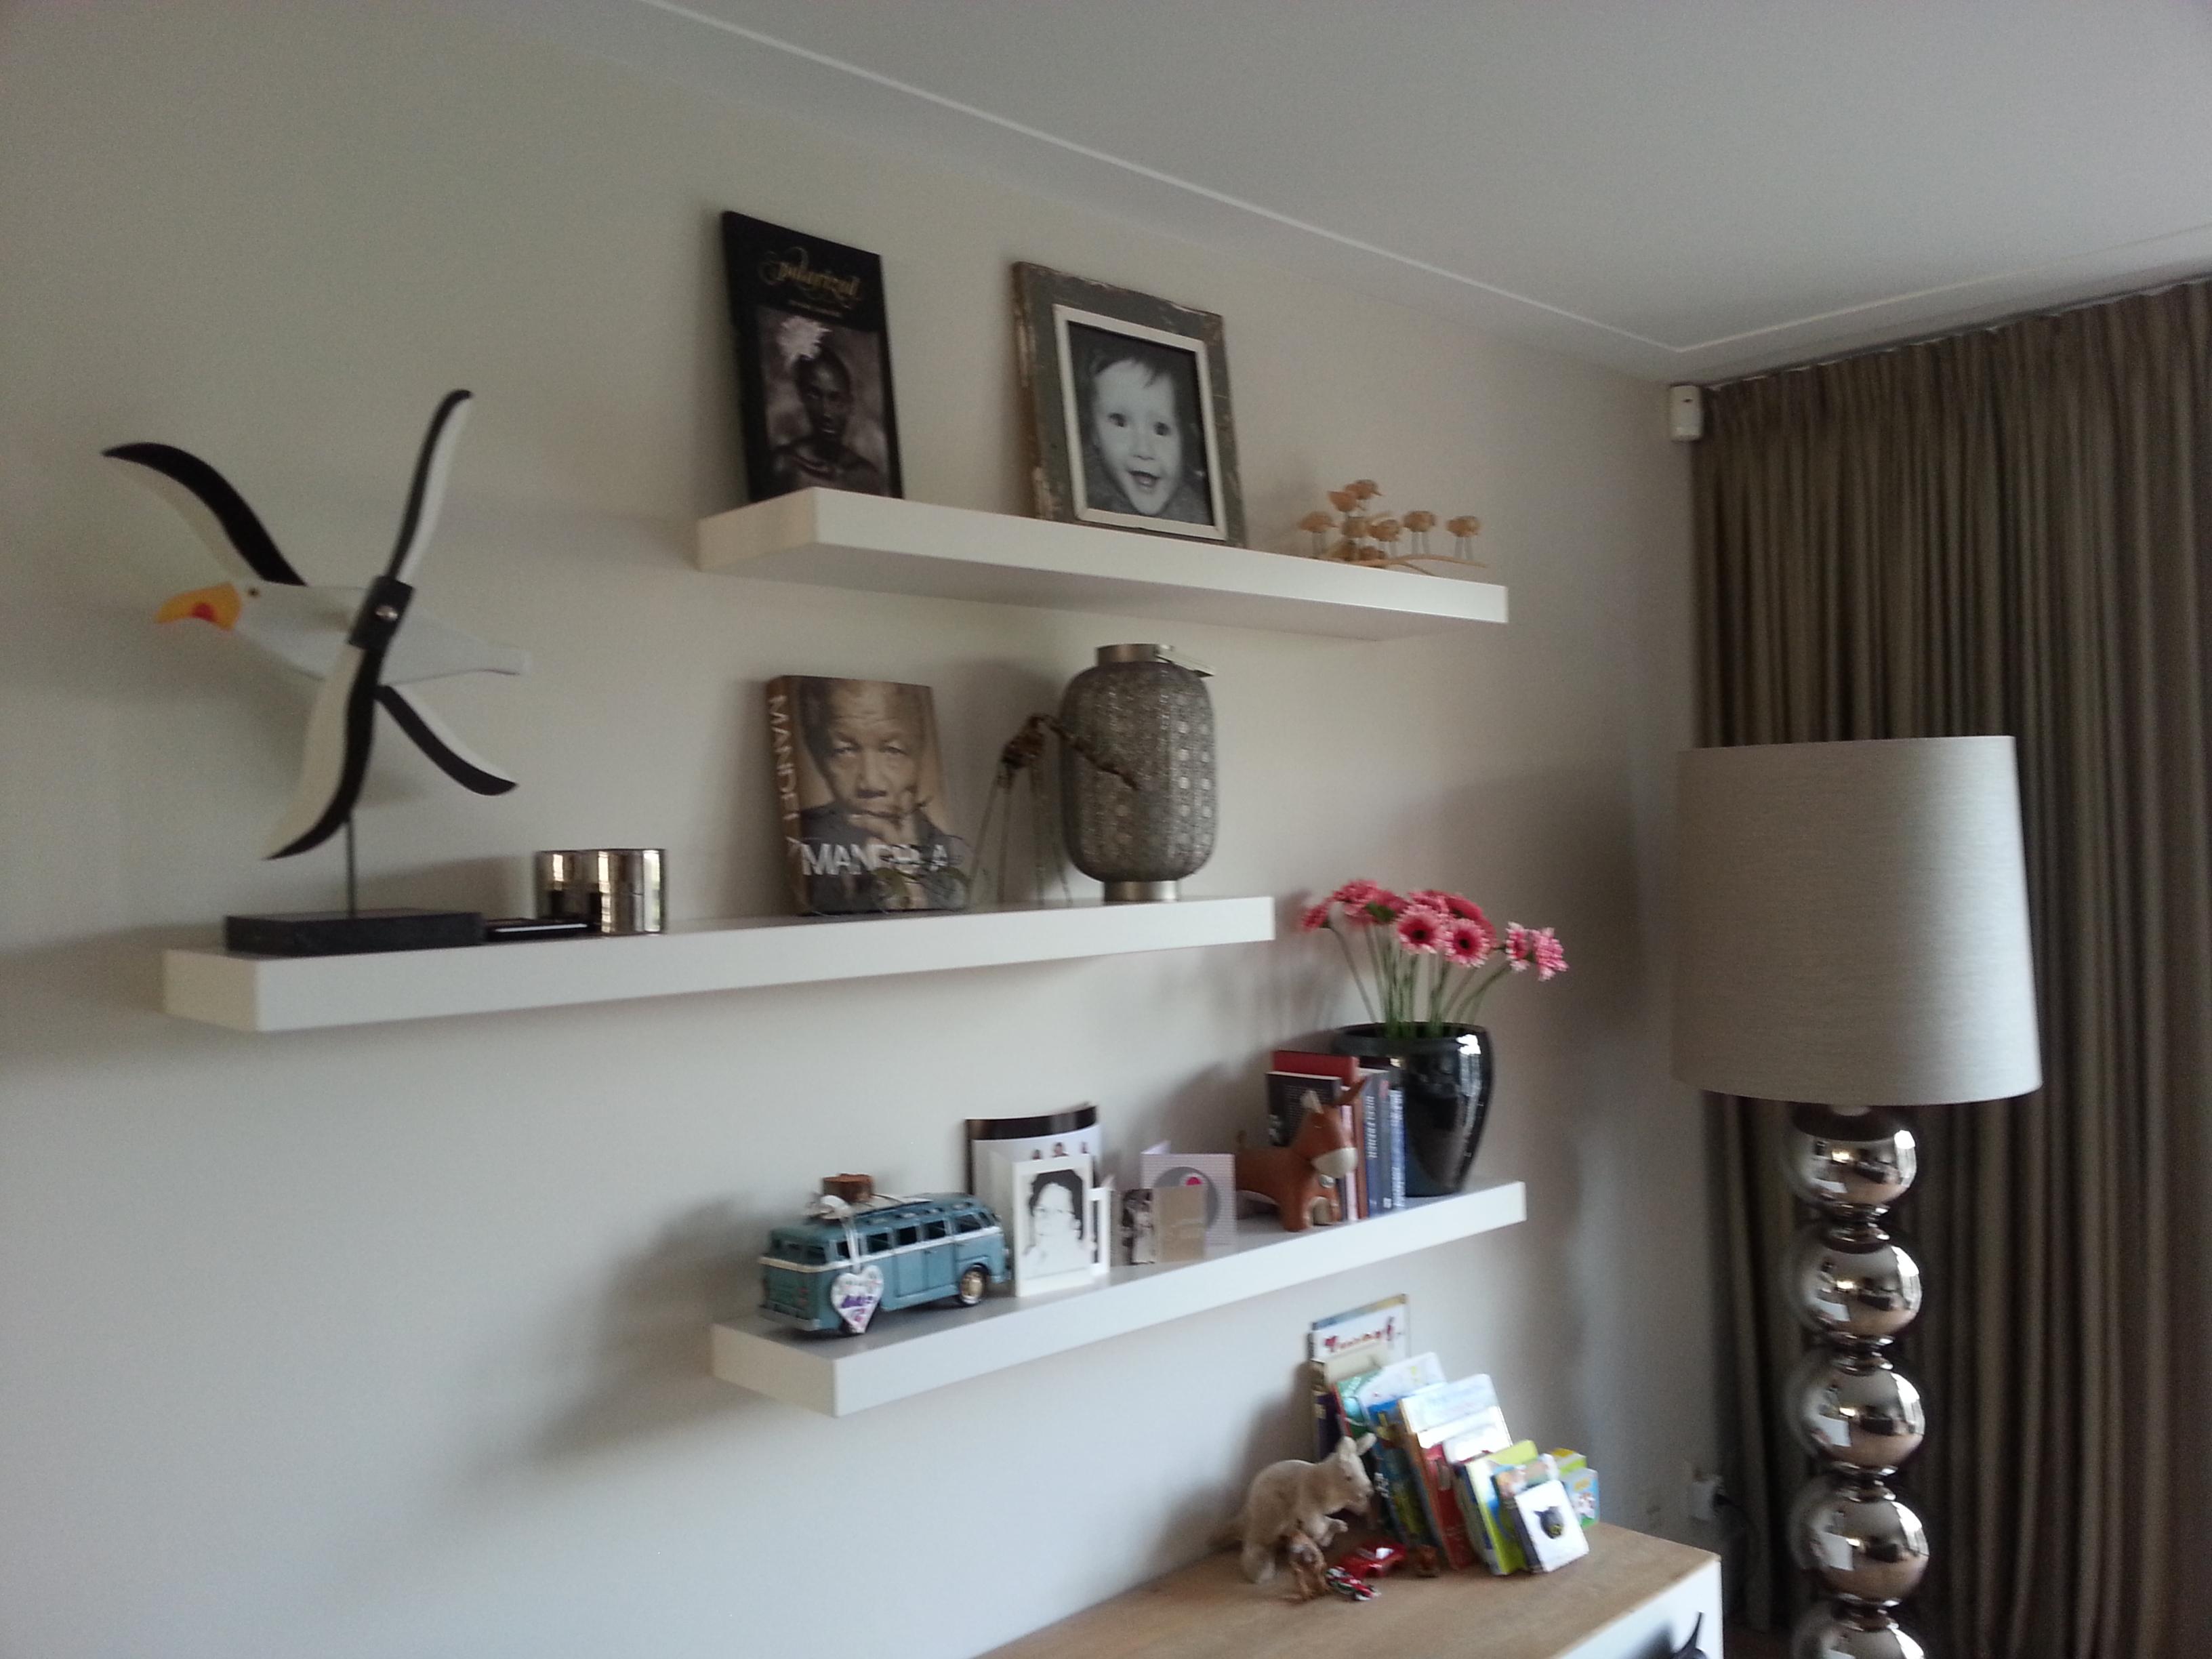 Wandplank Met Verlichting Keuken.Keuken Plank Met Verlichting Ikea Portfolio Verlichting